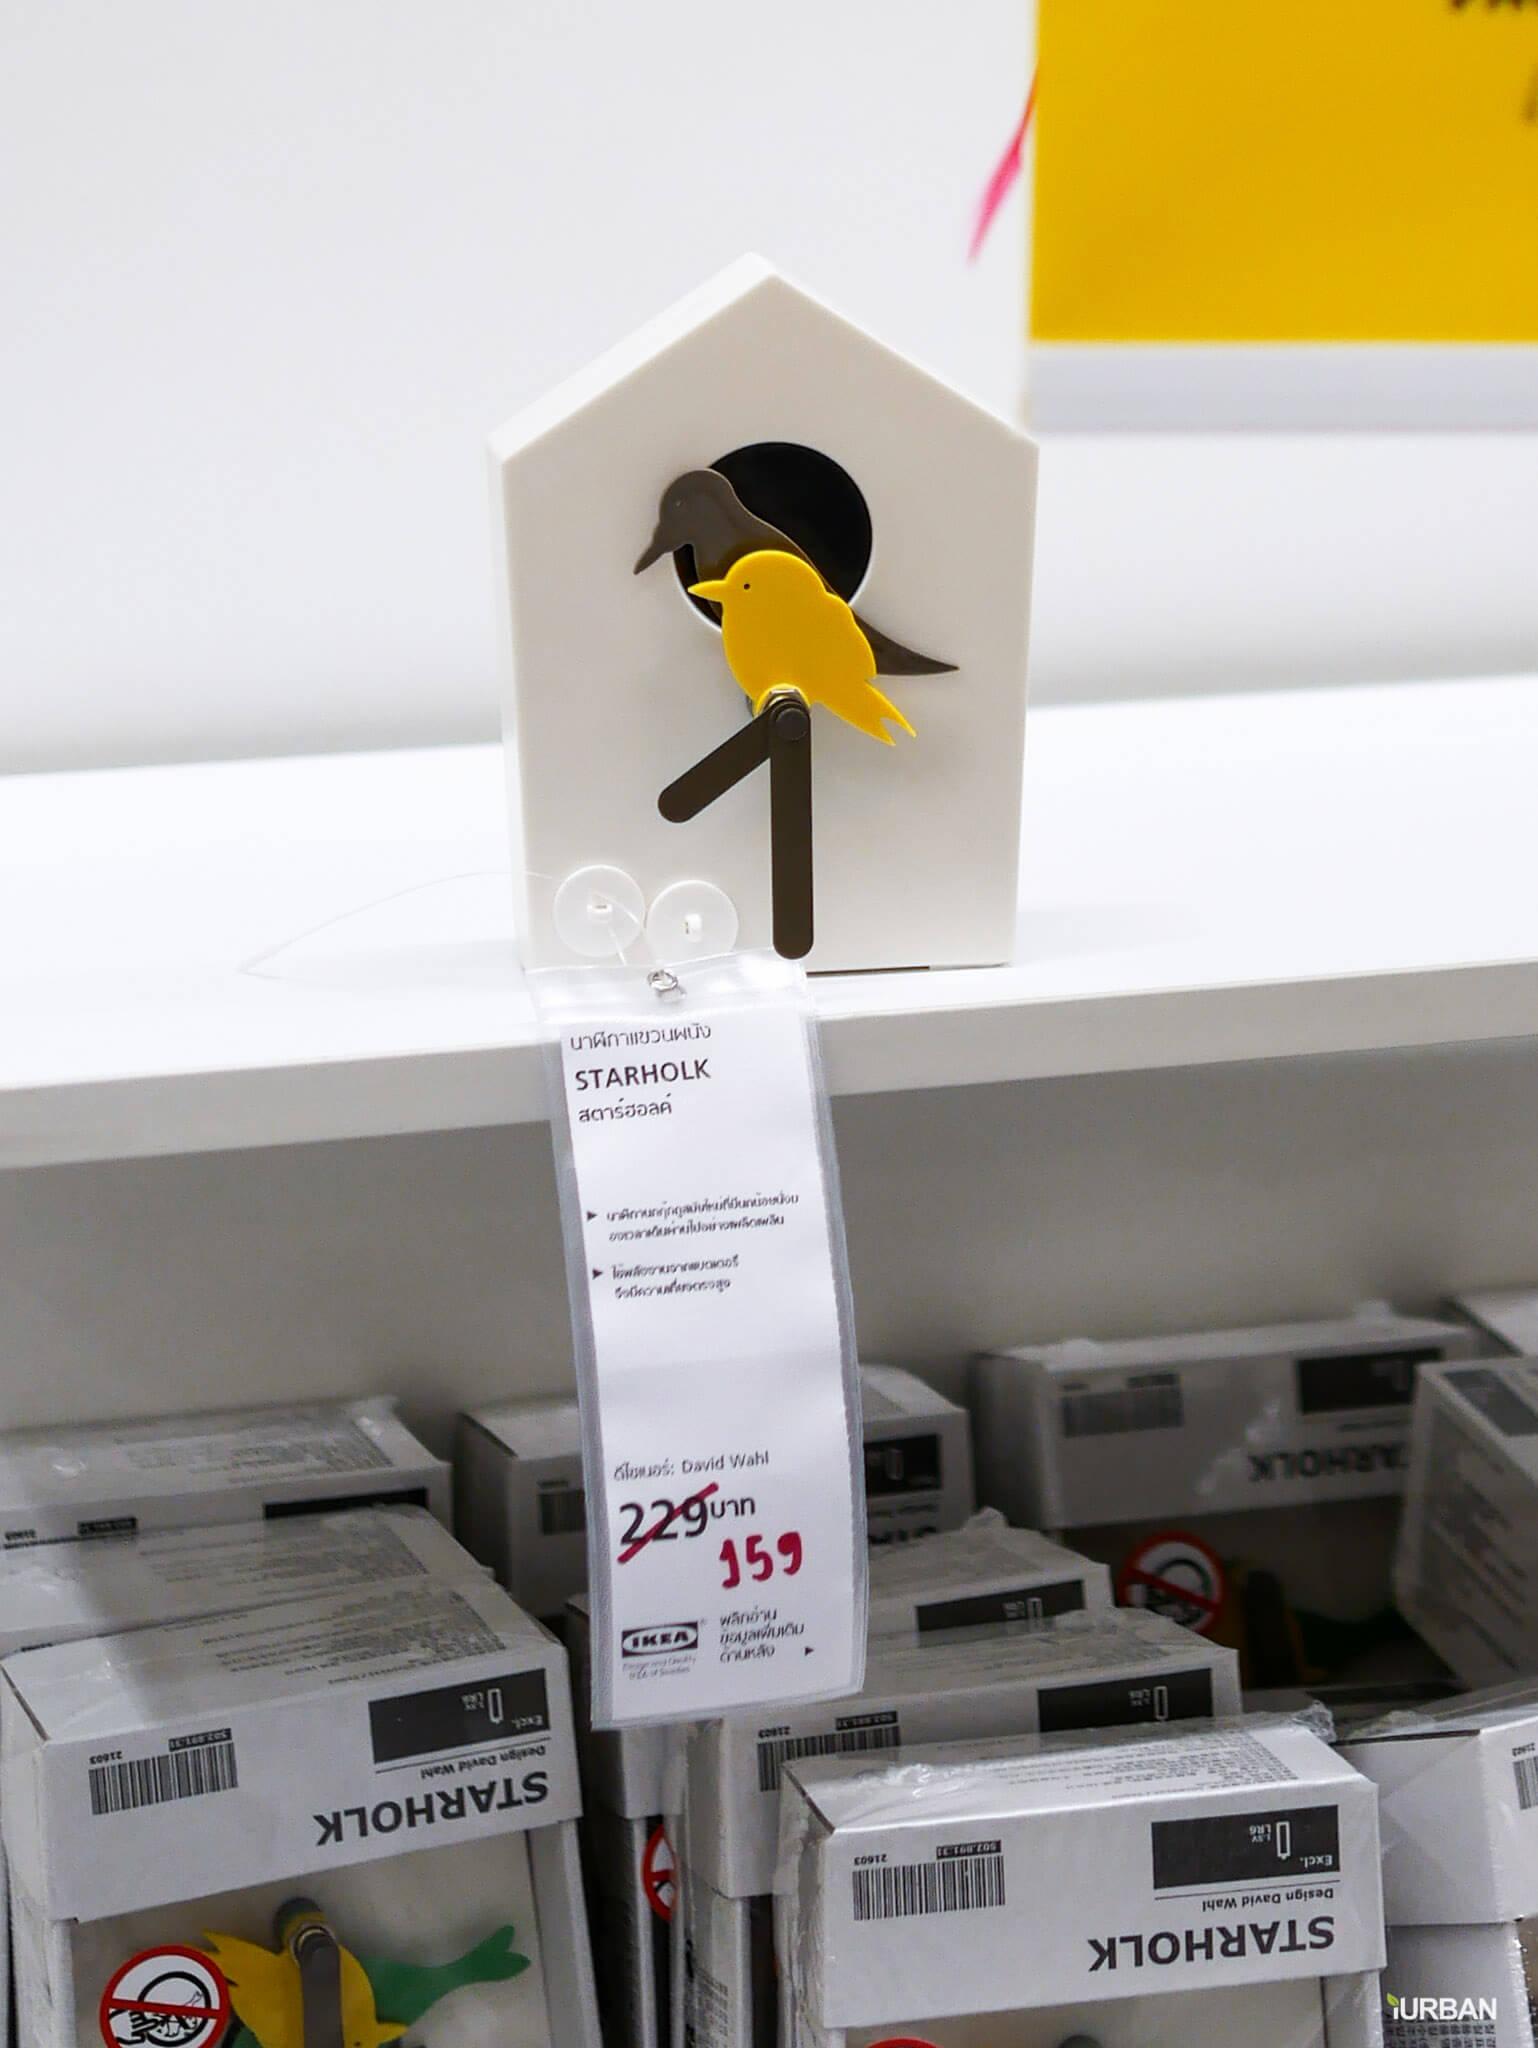 มันเยอะมากกกก!! IKEA Year End SALE 2017 รวมของเซลในอิเกีย ลดเยอะ ลดแหลก รีบพุ่งตัวไป วันนี้ - 7 มกราคม 61 209 - IKEA (อิเกีย)